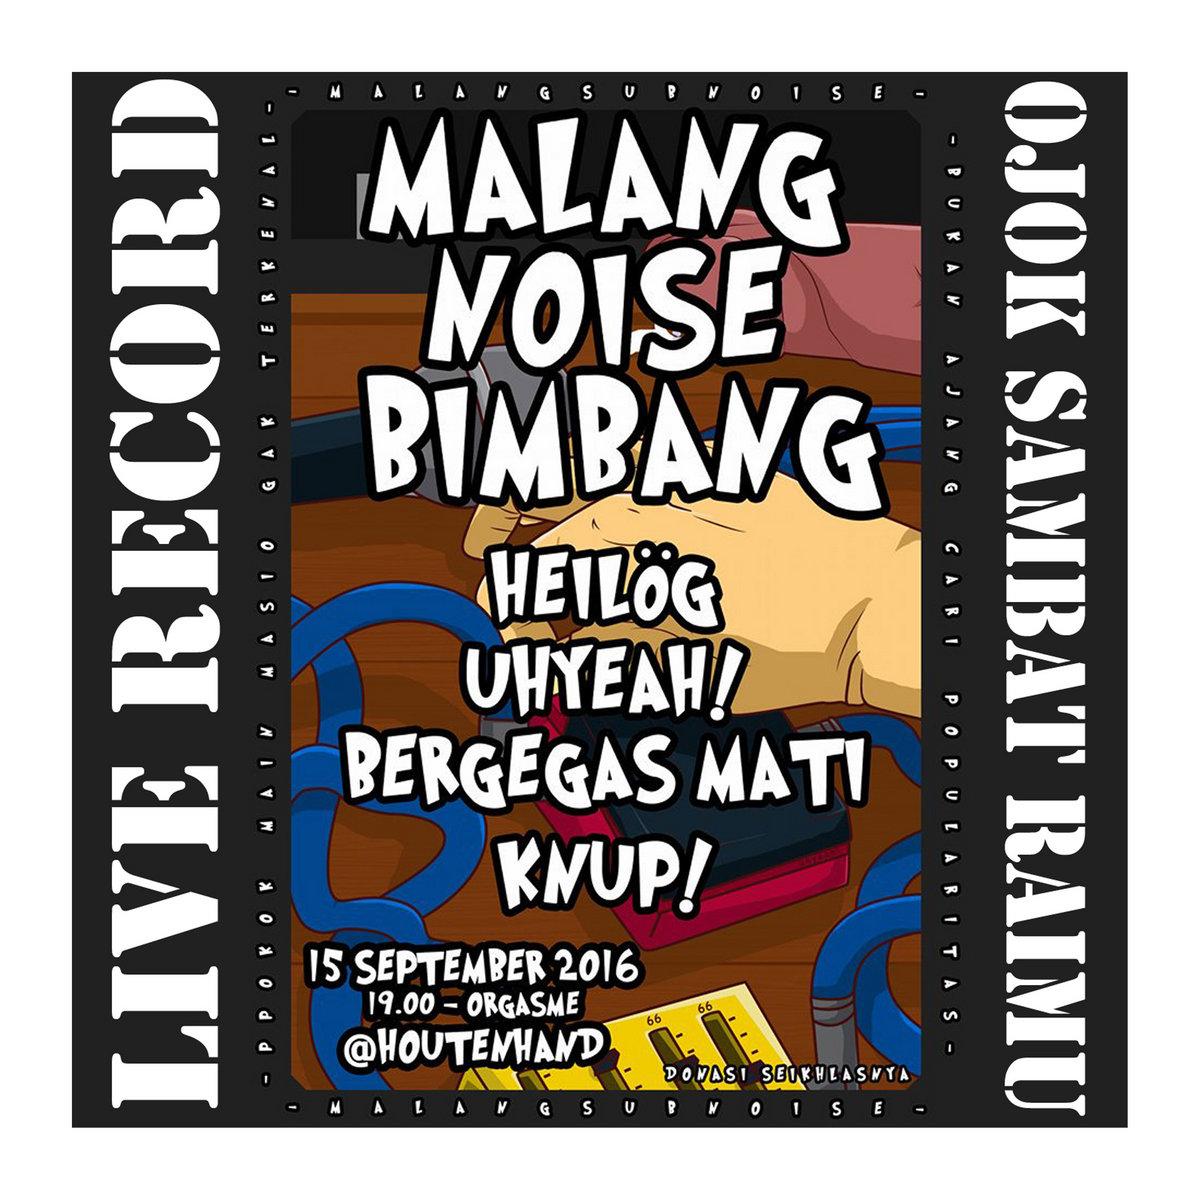 Malang Noise Bimbang V A Attenuation Circuit